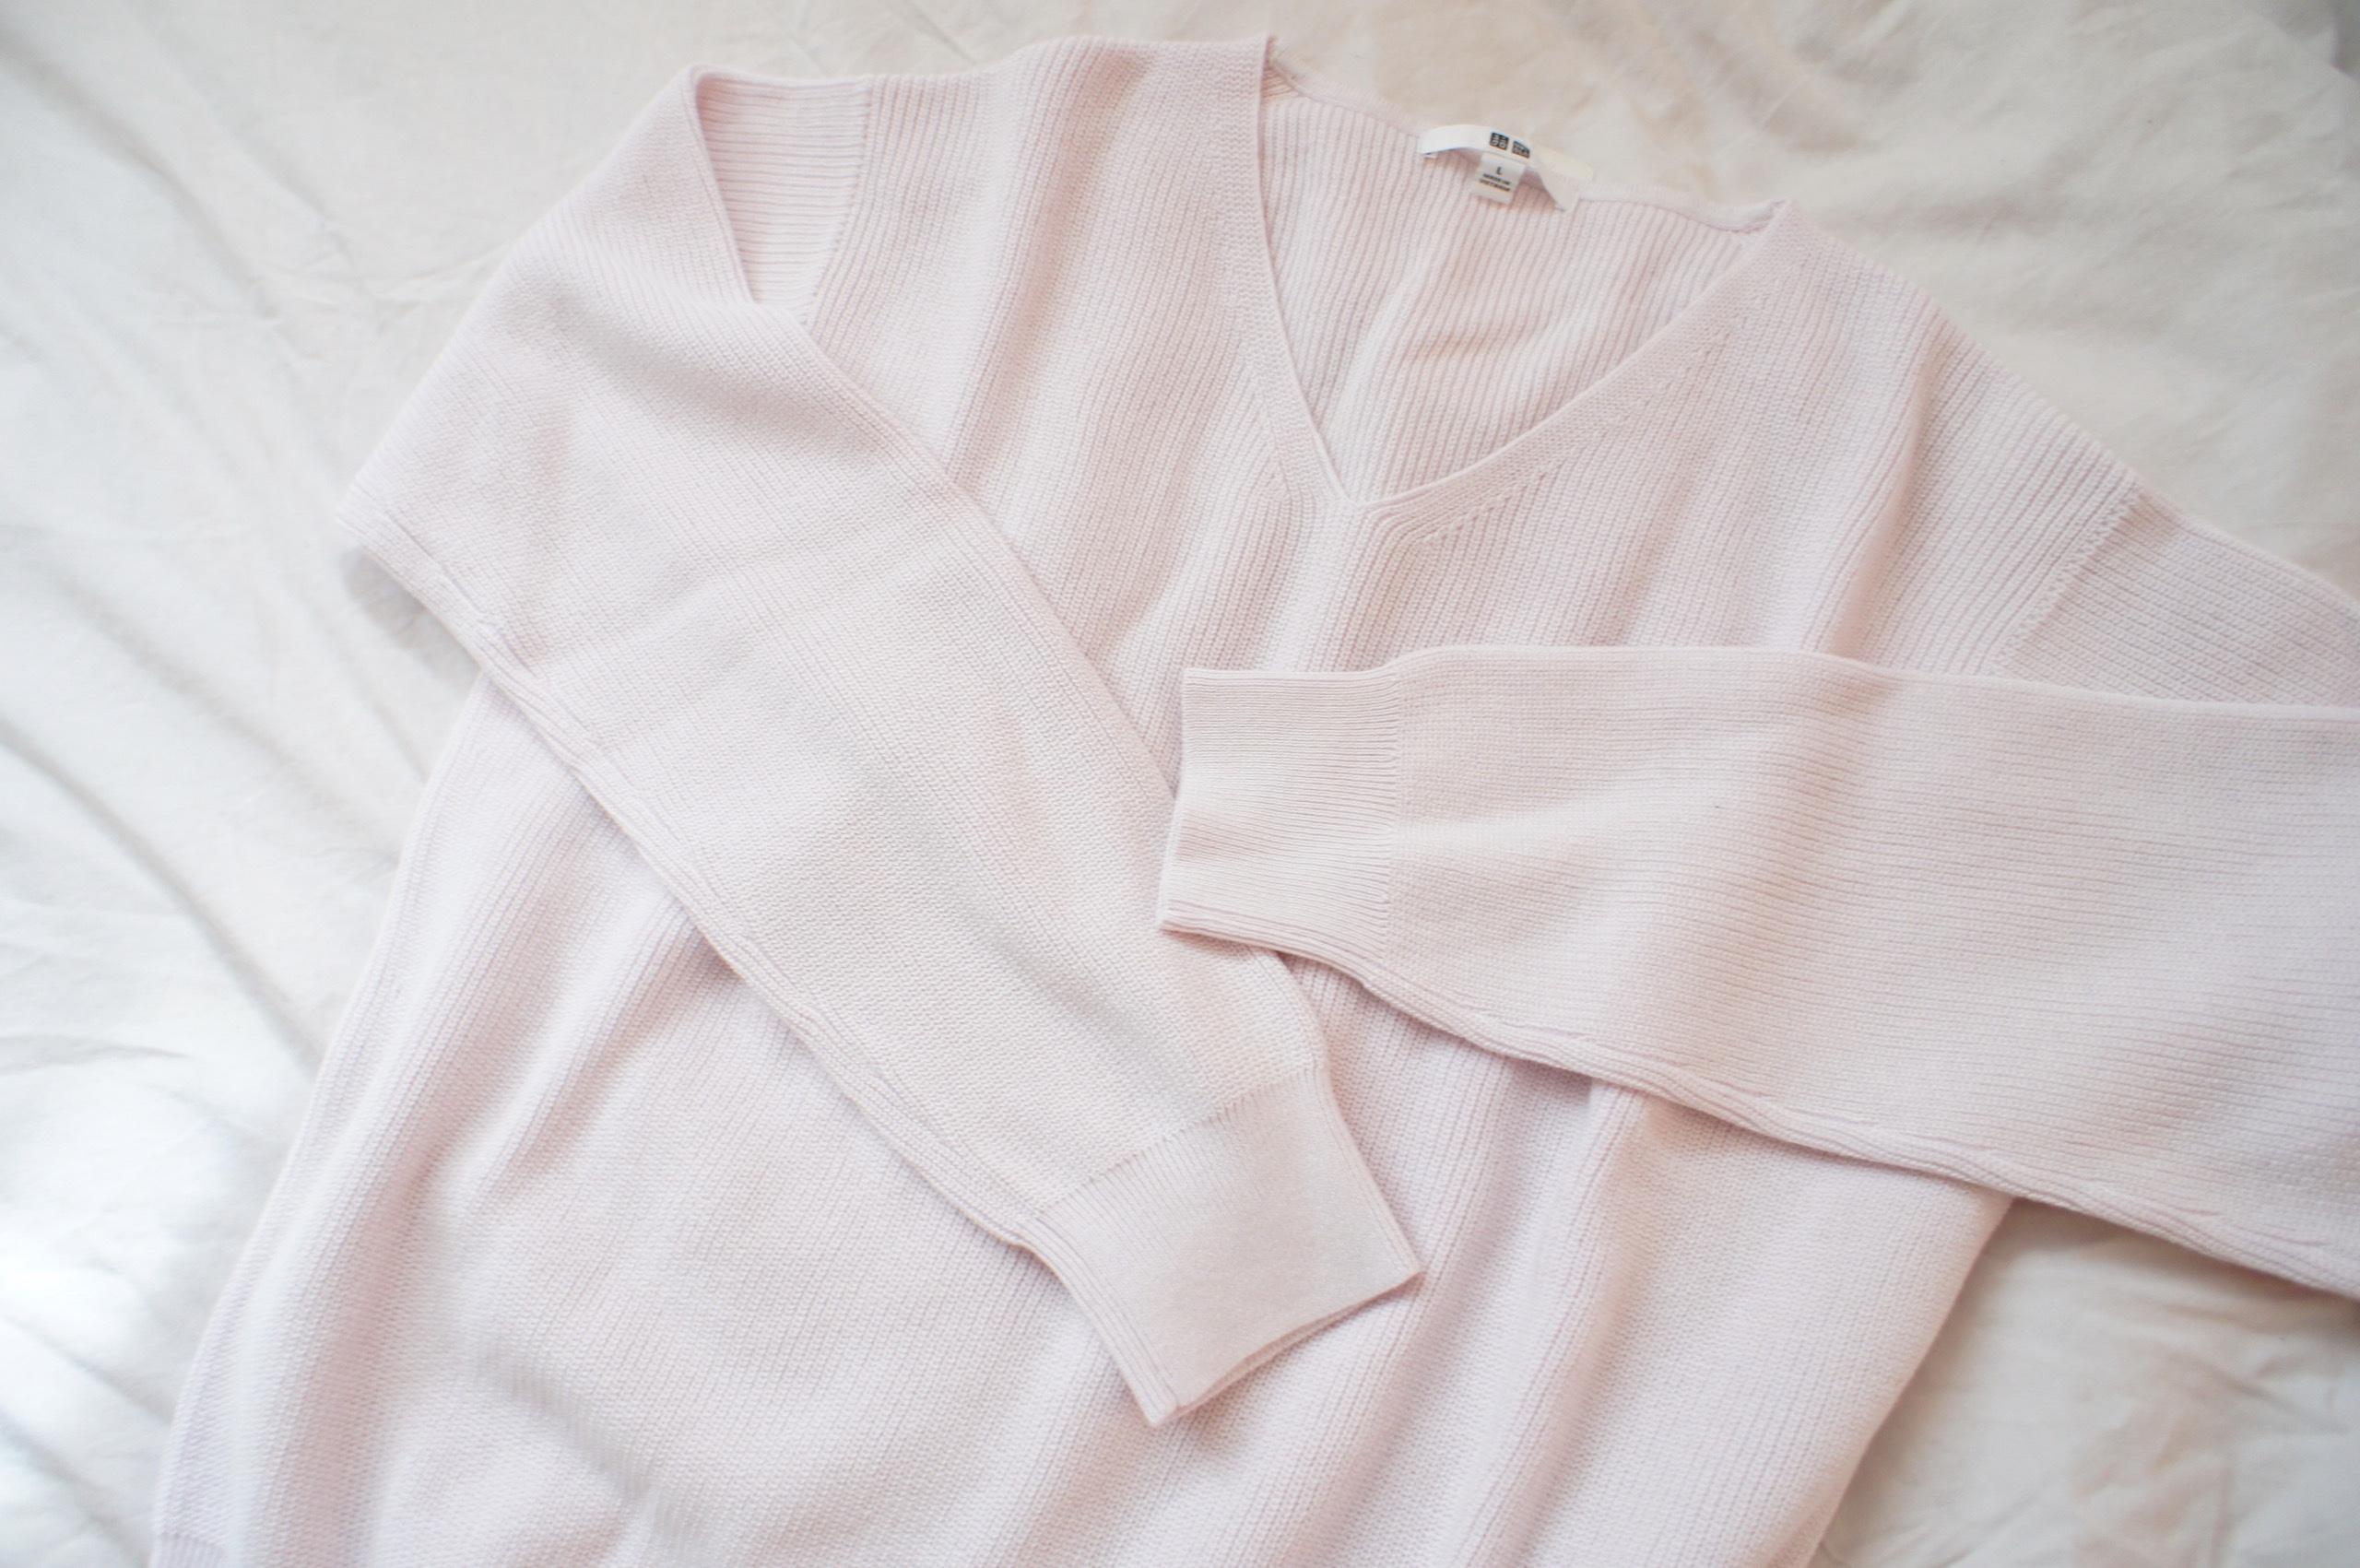 【ZARA&ユニクロ・GU】働く女子が買ったプチプラブランドのアイテムまとめ   ファッション_1_16